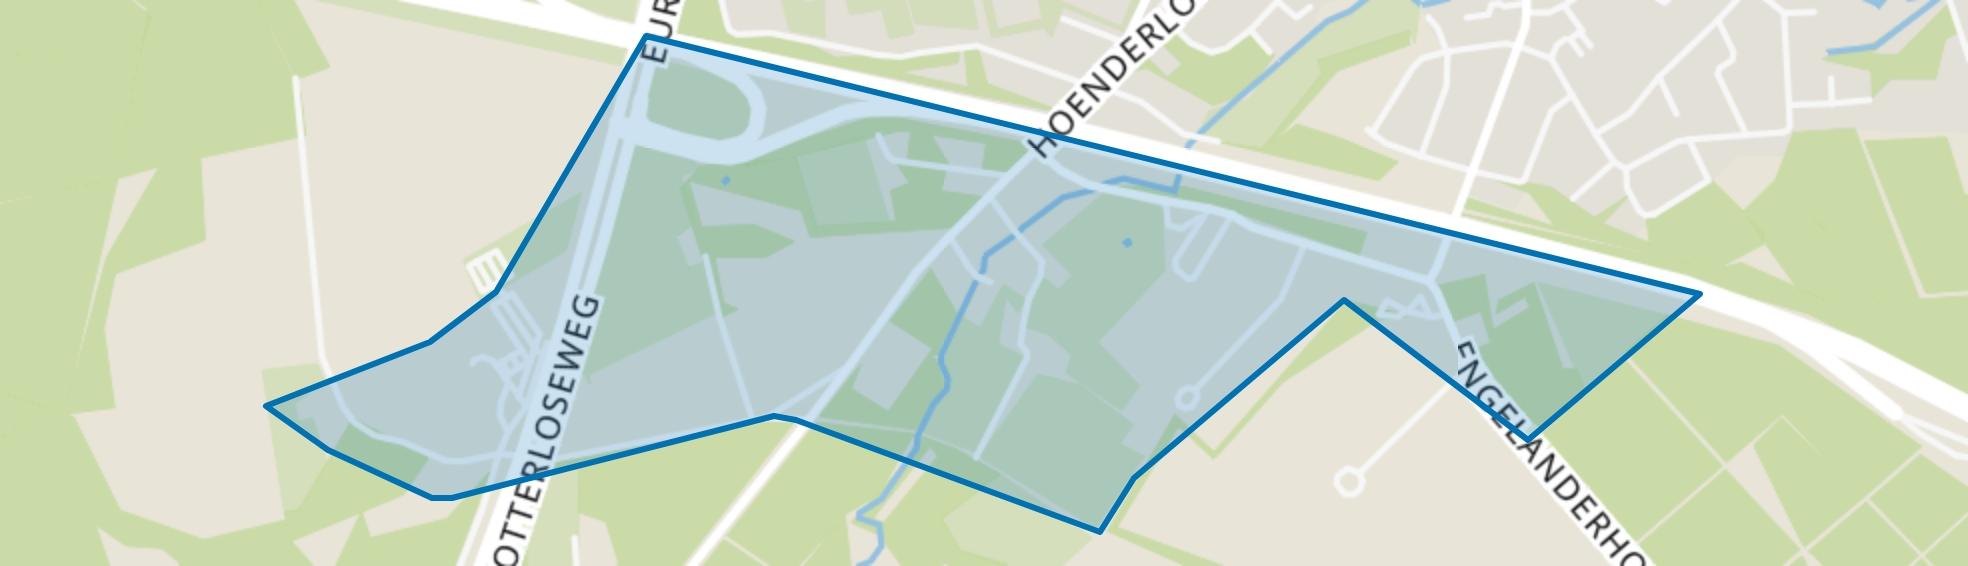 Ugchelen-Zuid, Ugchelen map